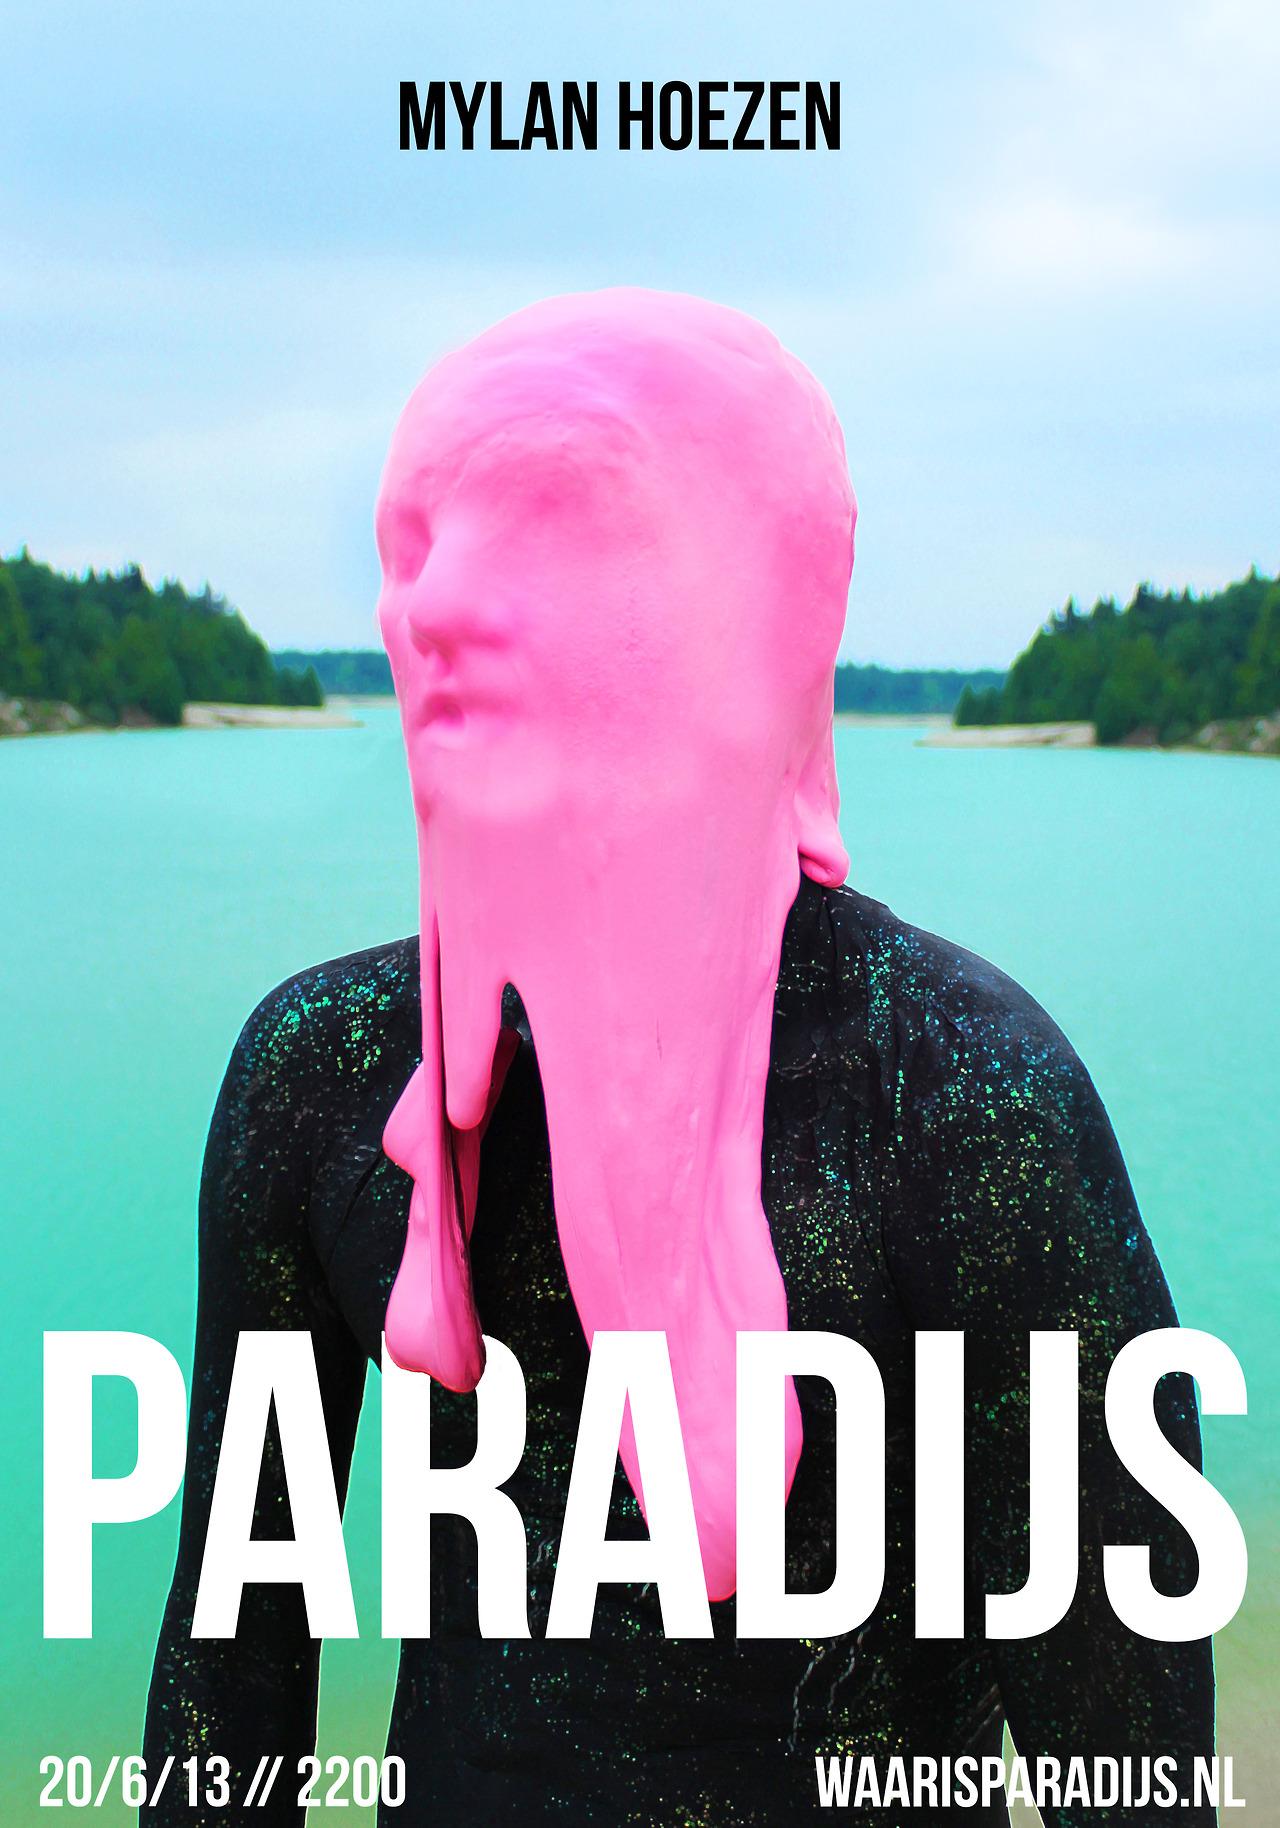 iammylan: Poster for mylan's show 'Paradise' / www.waarisparadijs.nl waarisparadijs: Reserveer kaarten via paradijs2013@gmail.com